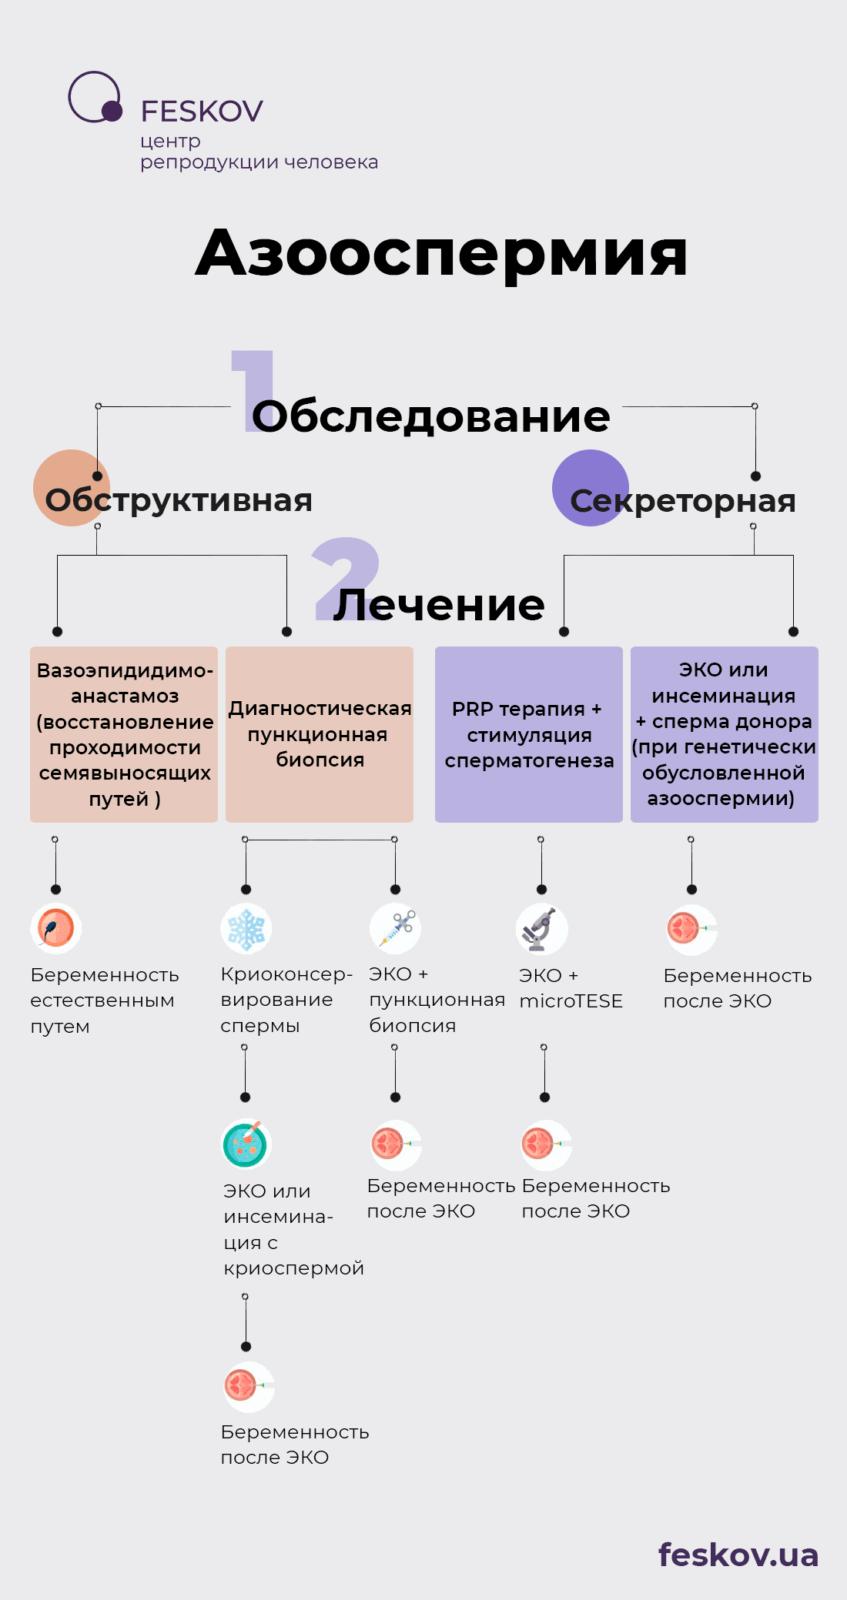 Этапы лечения азооспермии